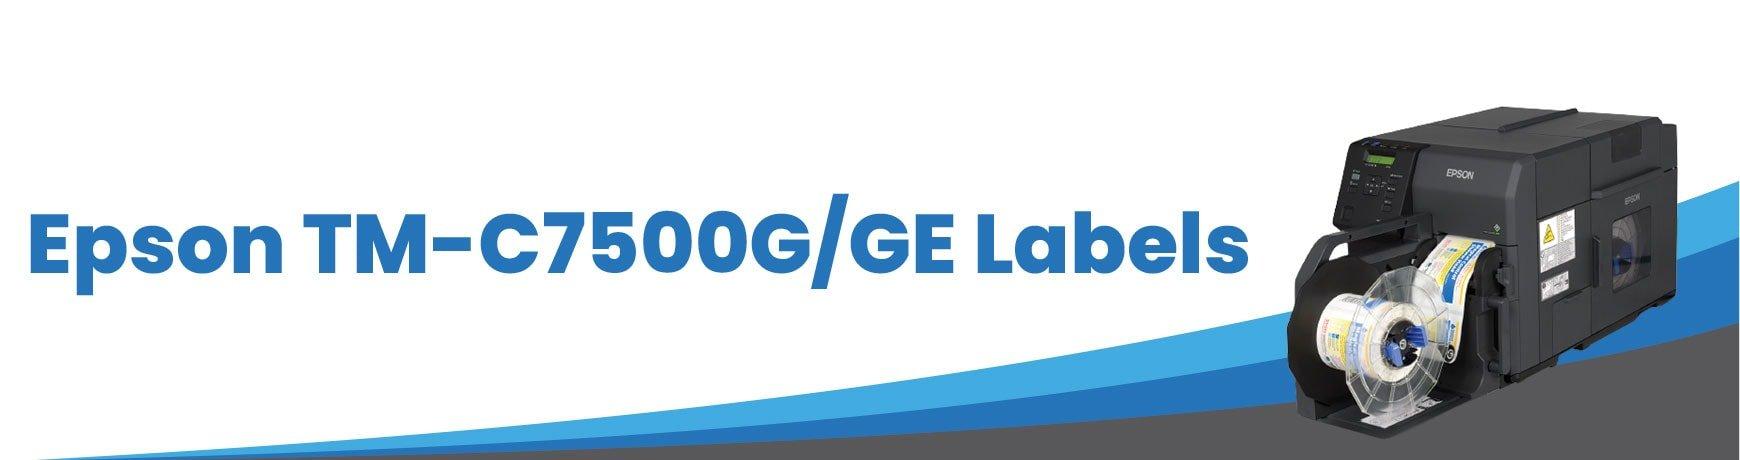 Epson TM-C7500G/GE Labels